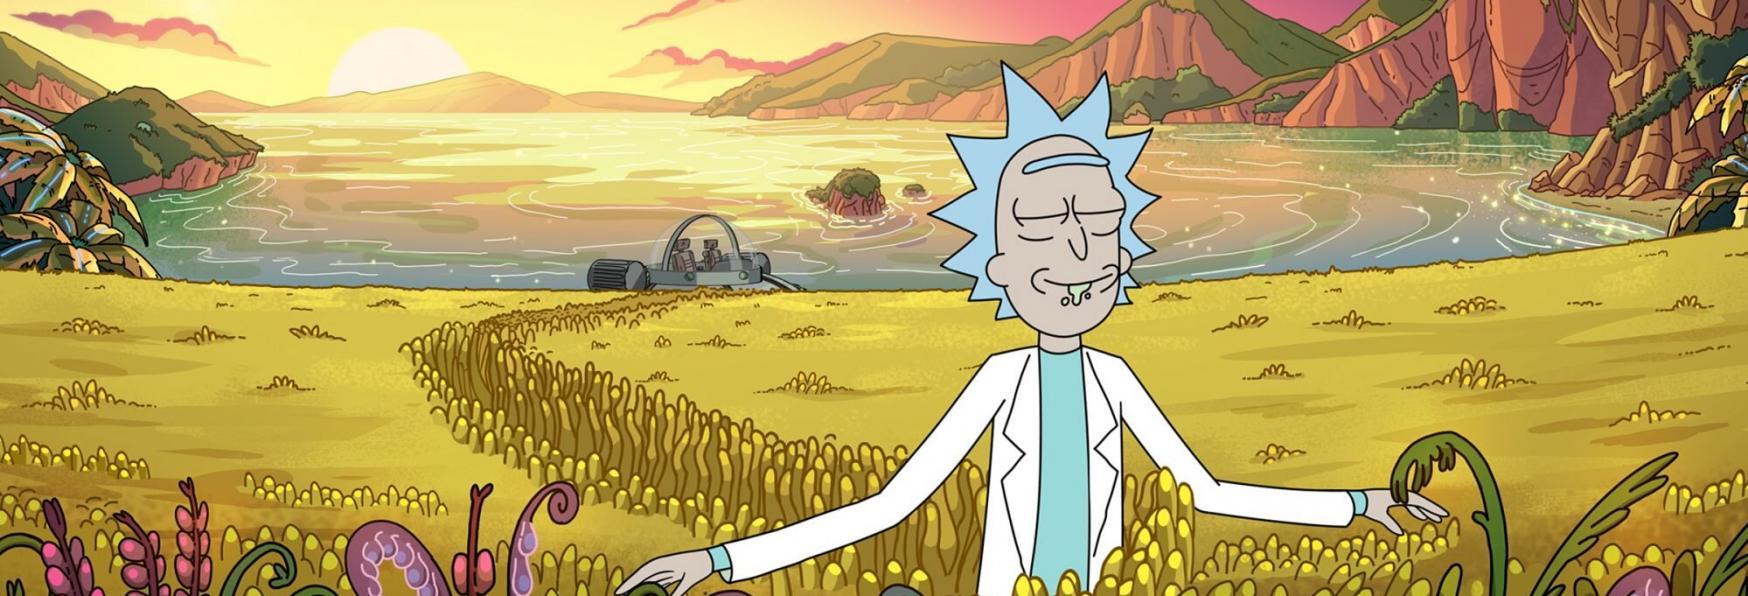 Rick and Morty 5: Grande Successo per la nuova Stagione. I Rating